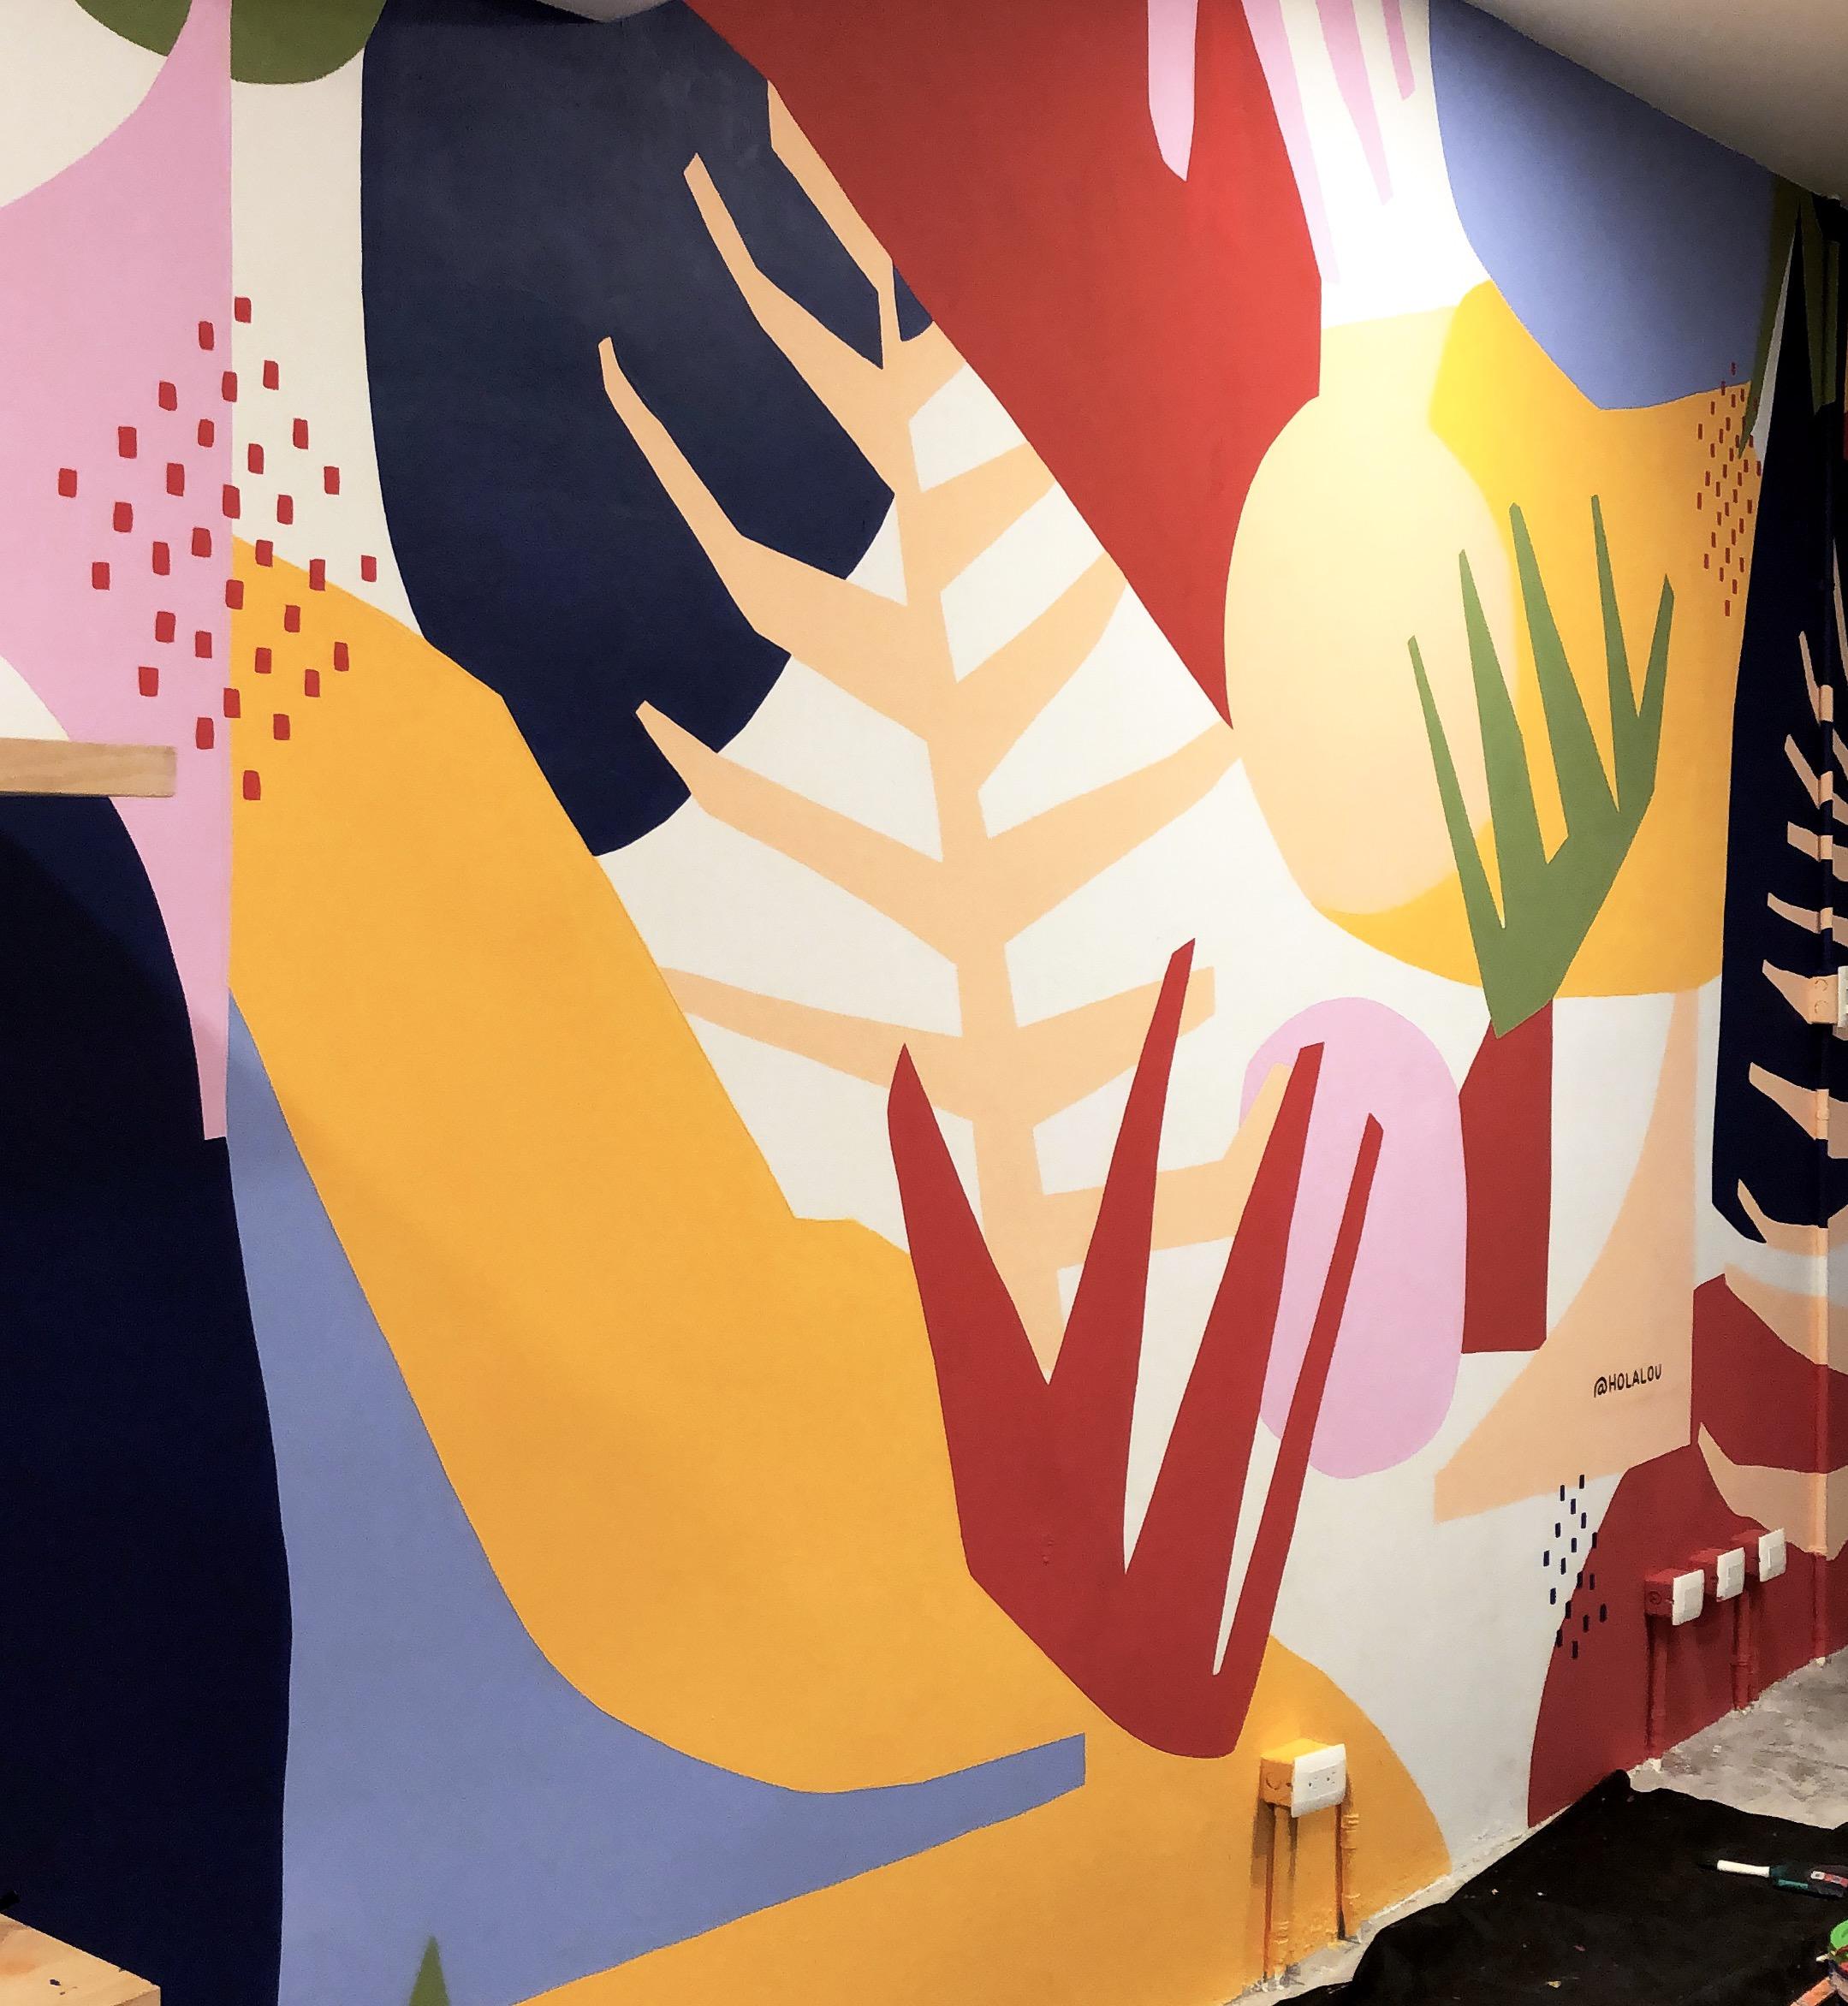 Casa Nawala Cancun Abstract Art Mural by Hola Lou®